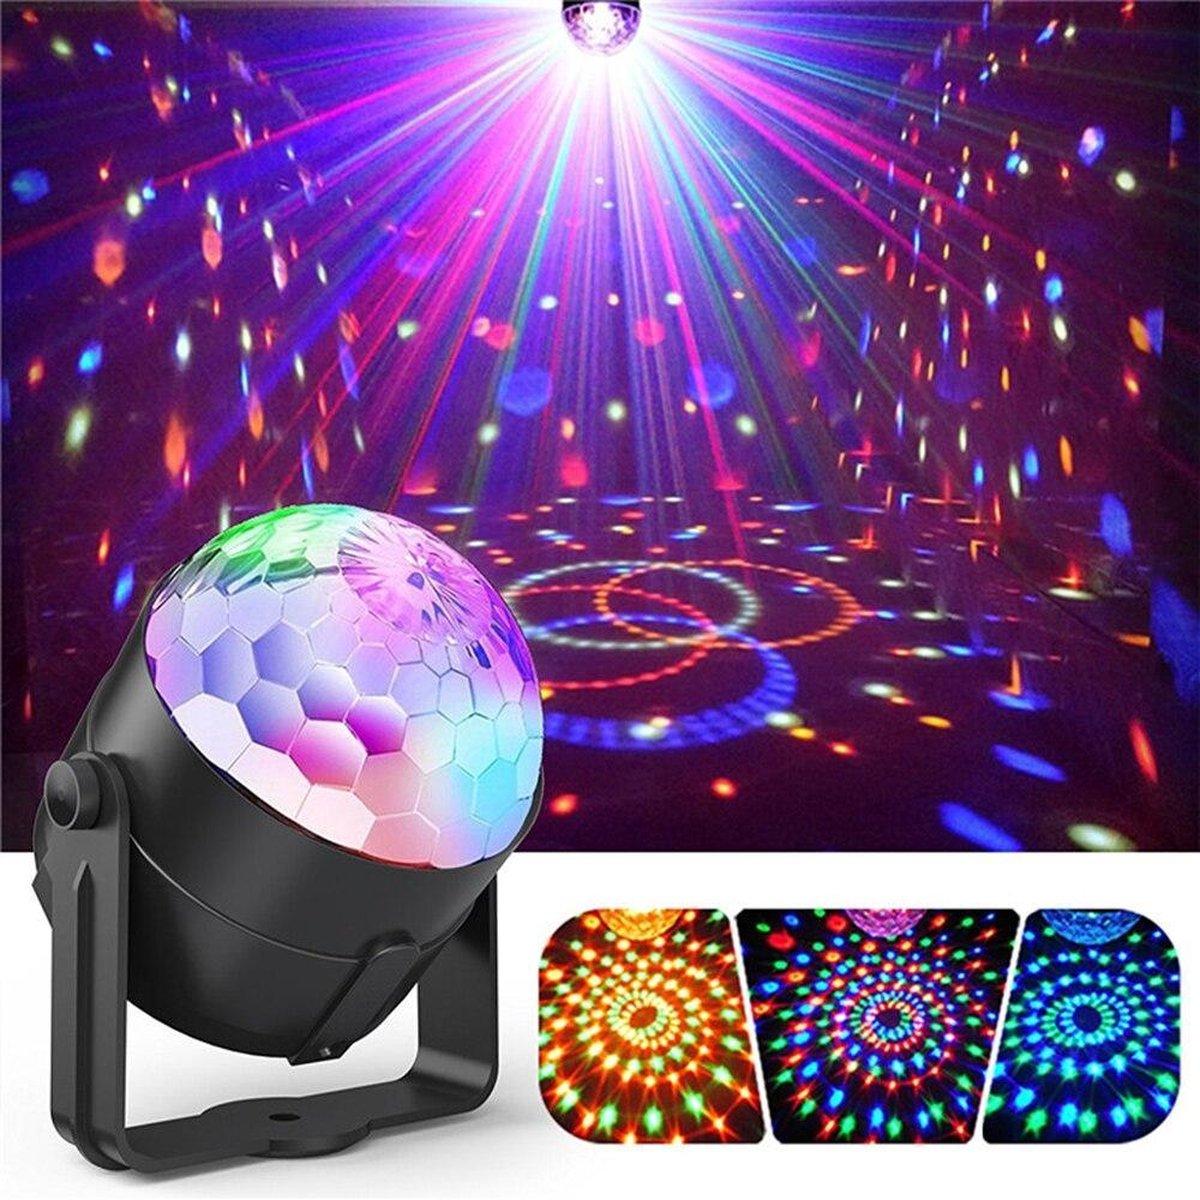 Mobstore Roterende LED Discolamp met Afstandsbediening en Muziekgestuurd - Kinderen - Volwassenen -